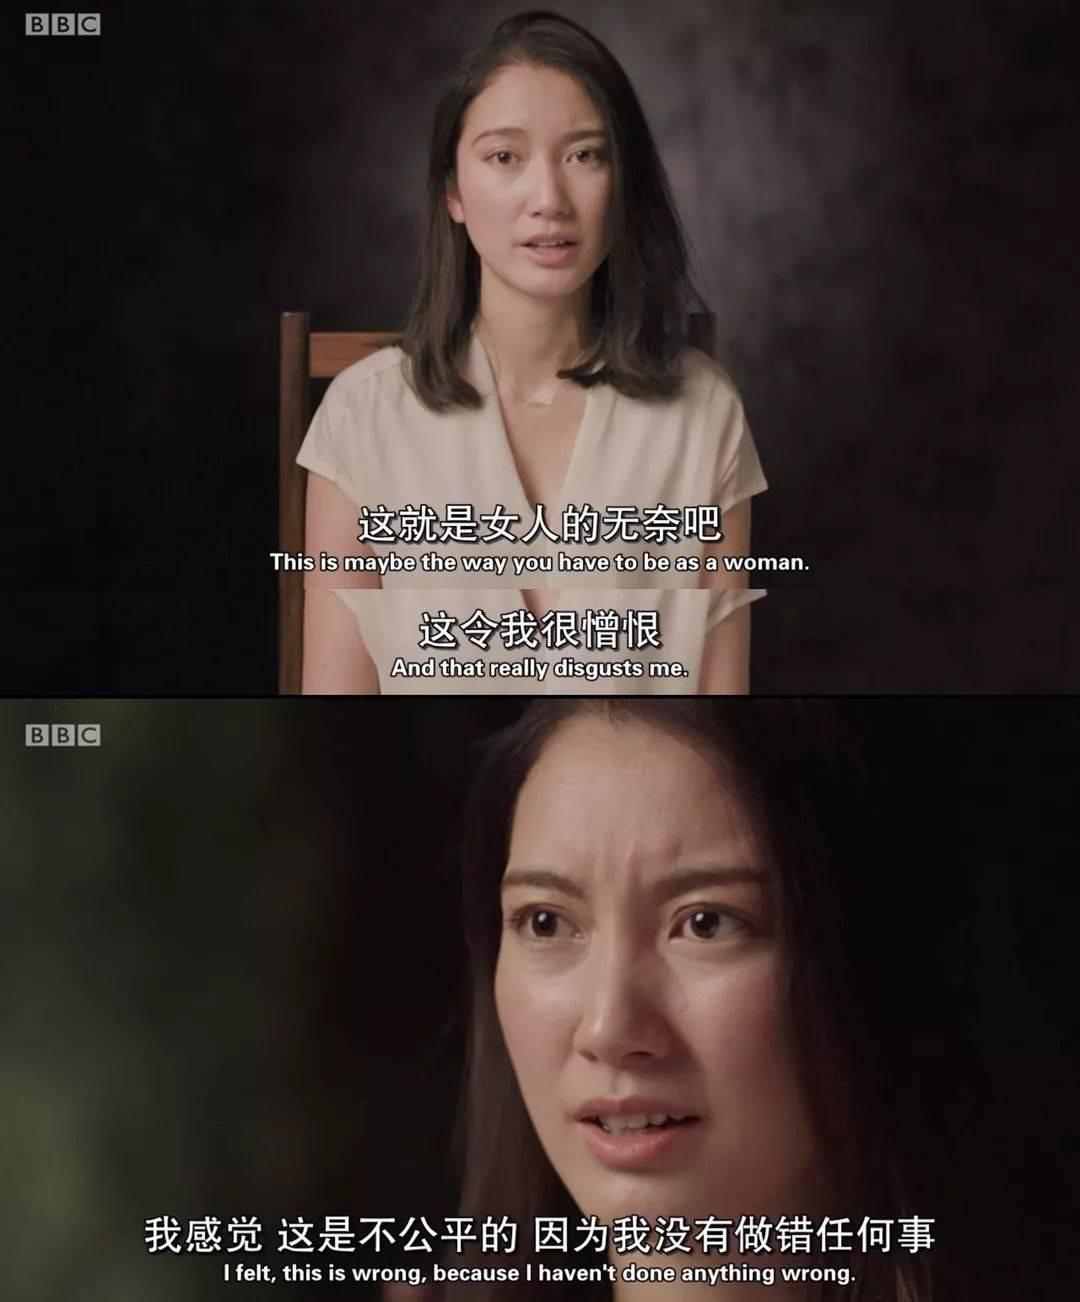 Shiori Ito: Từ nữ nhà báo bị cấp trên tấn công tình dục đến người phụ nữ dũng cảm vạch trần nỗi hổ thẹn bí mật của nước Nhật - Ảnh 6.